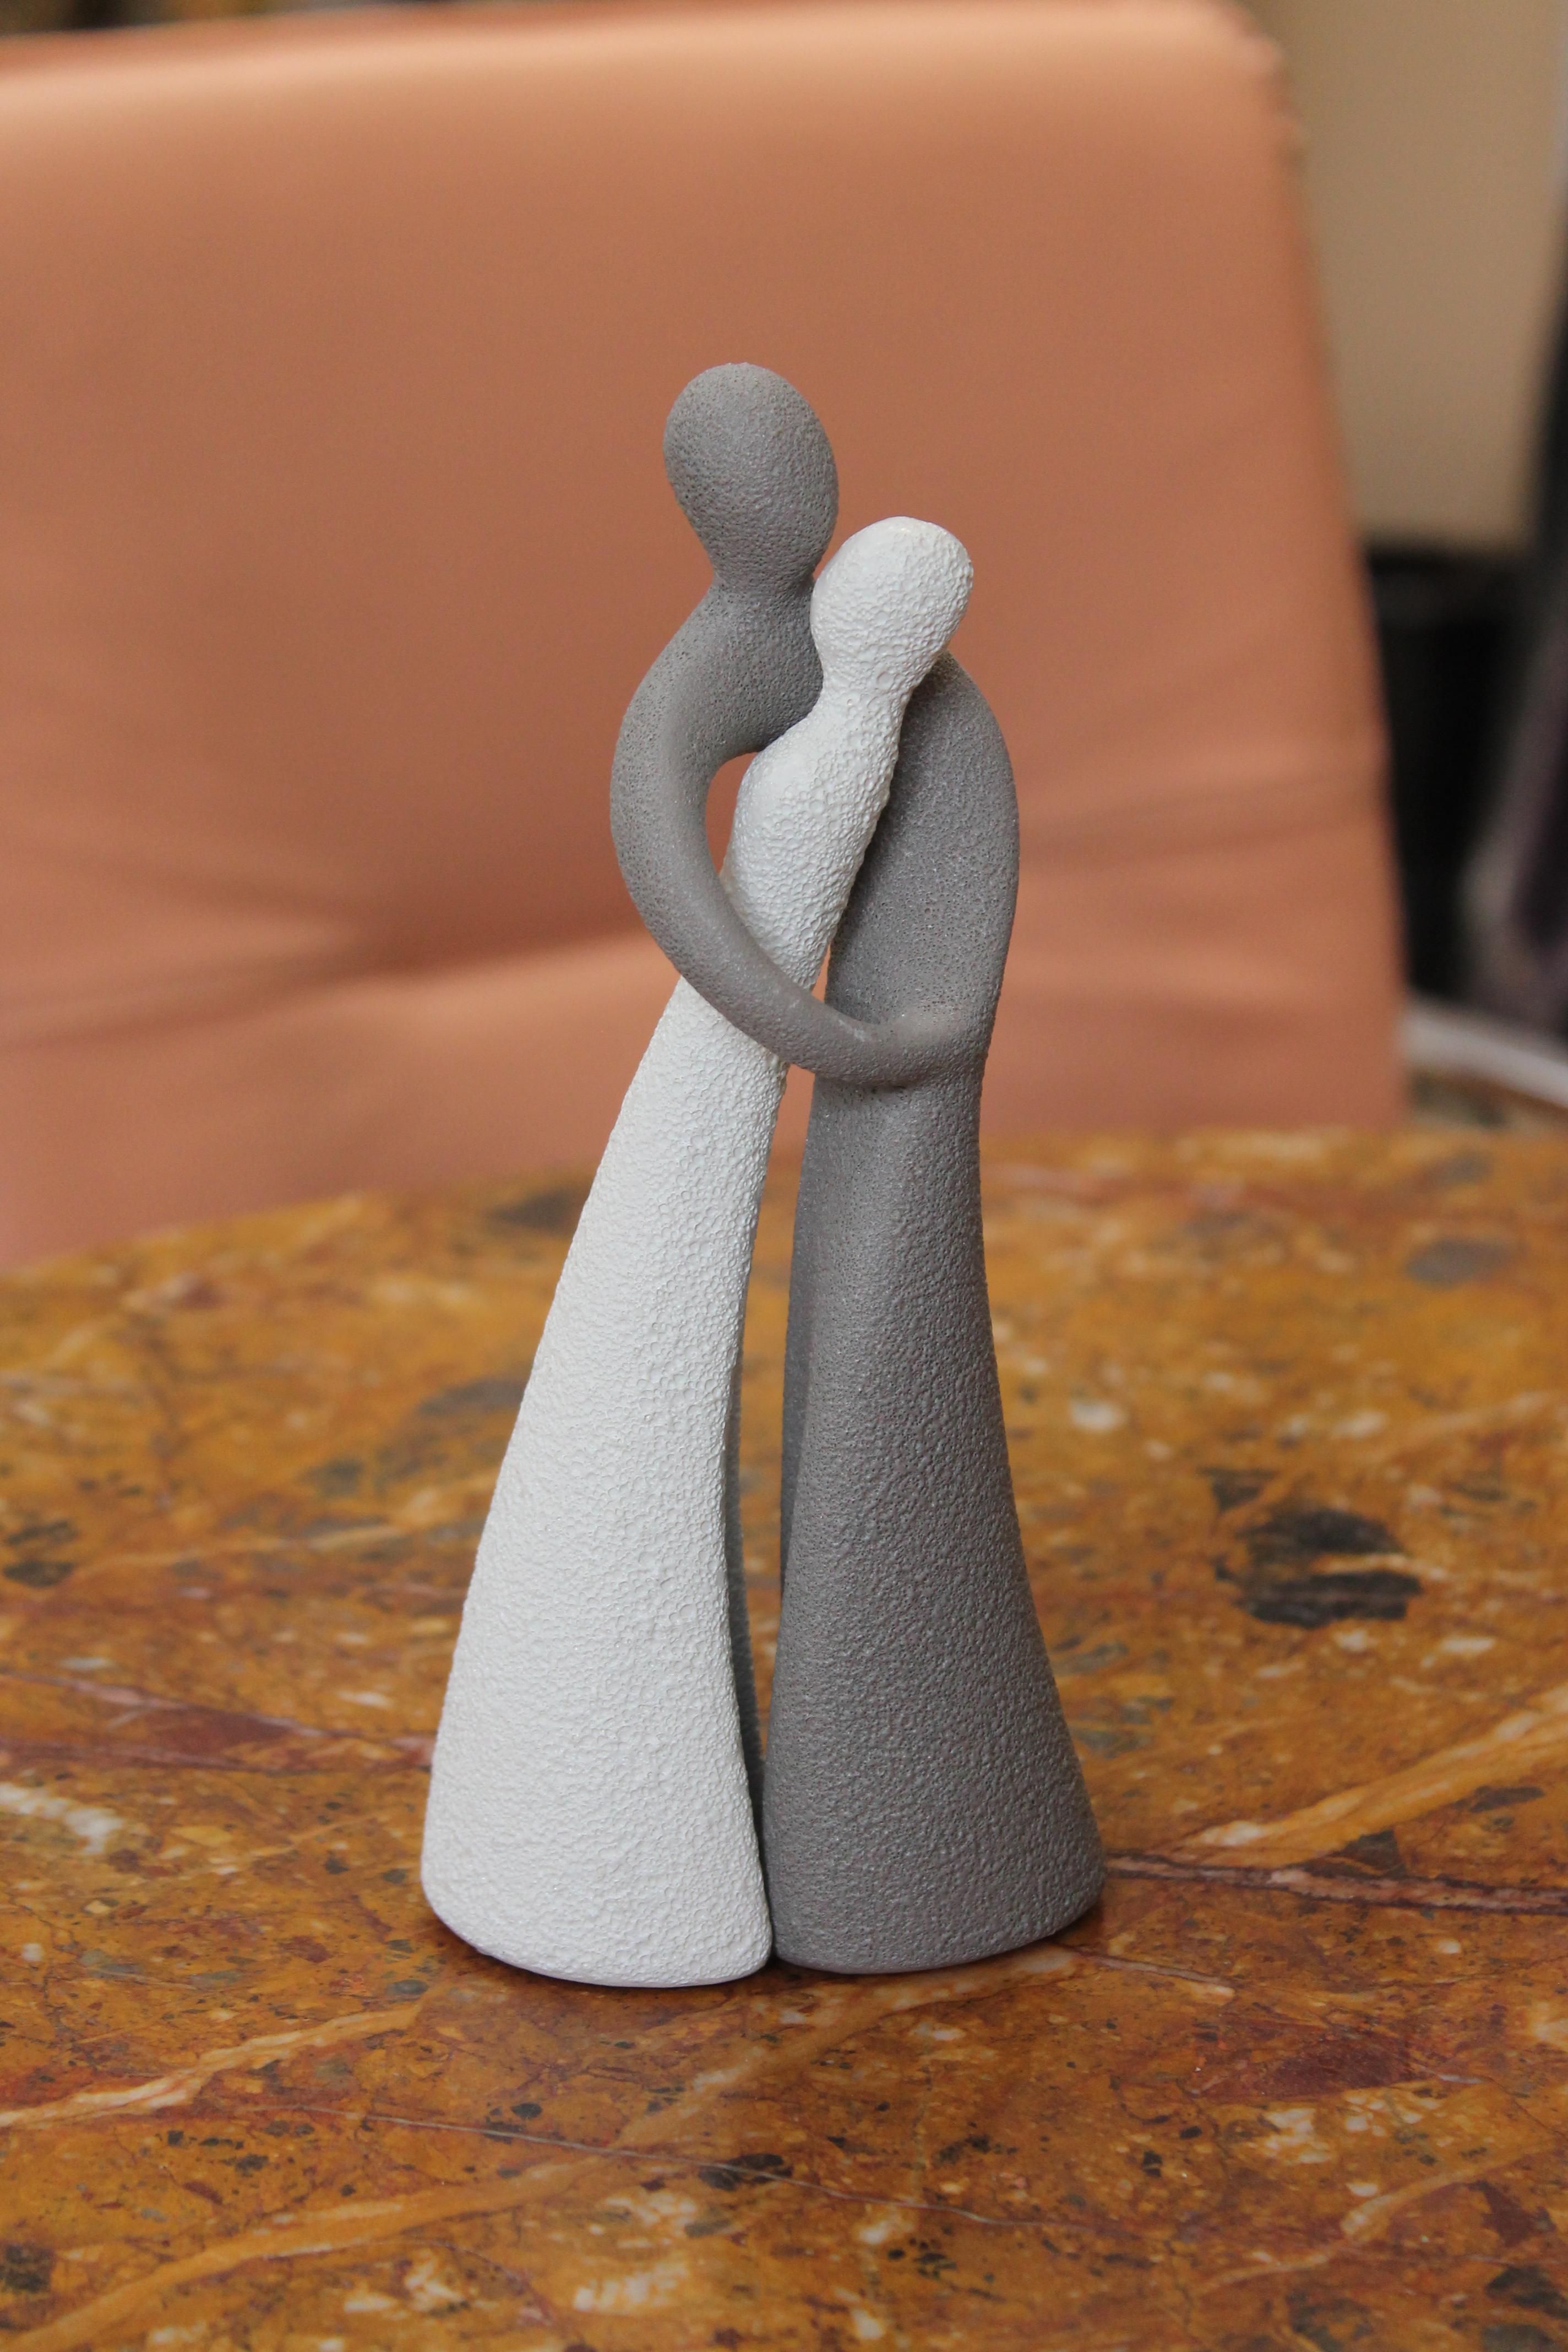 образец для изготовления скульптуры